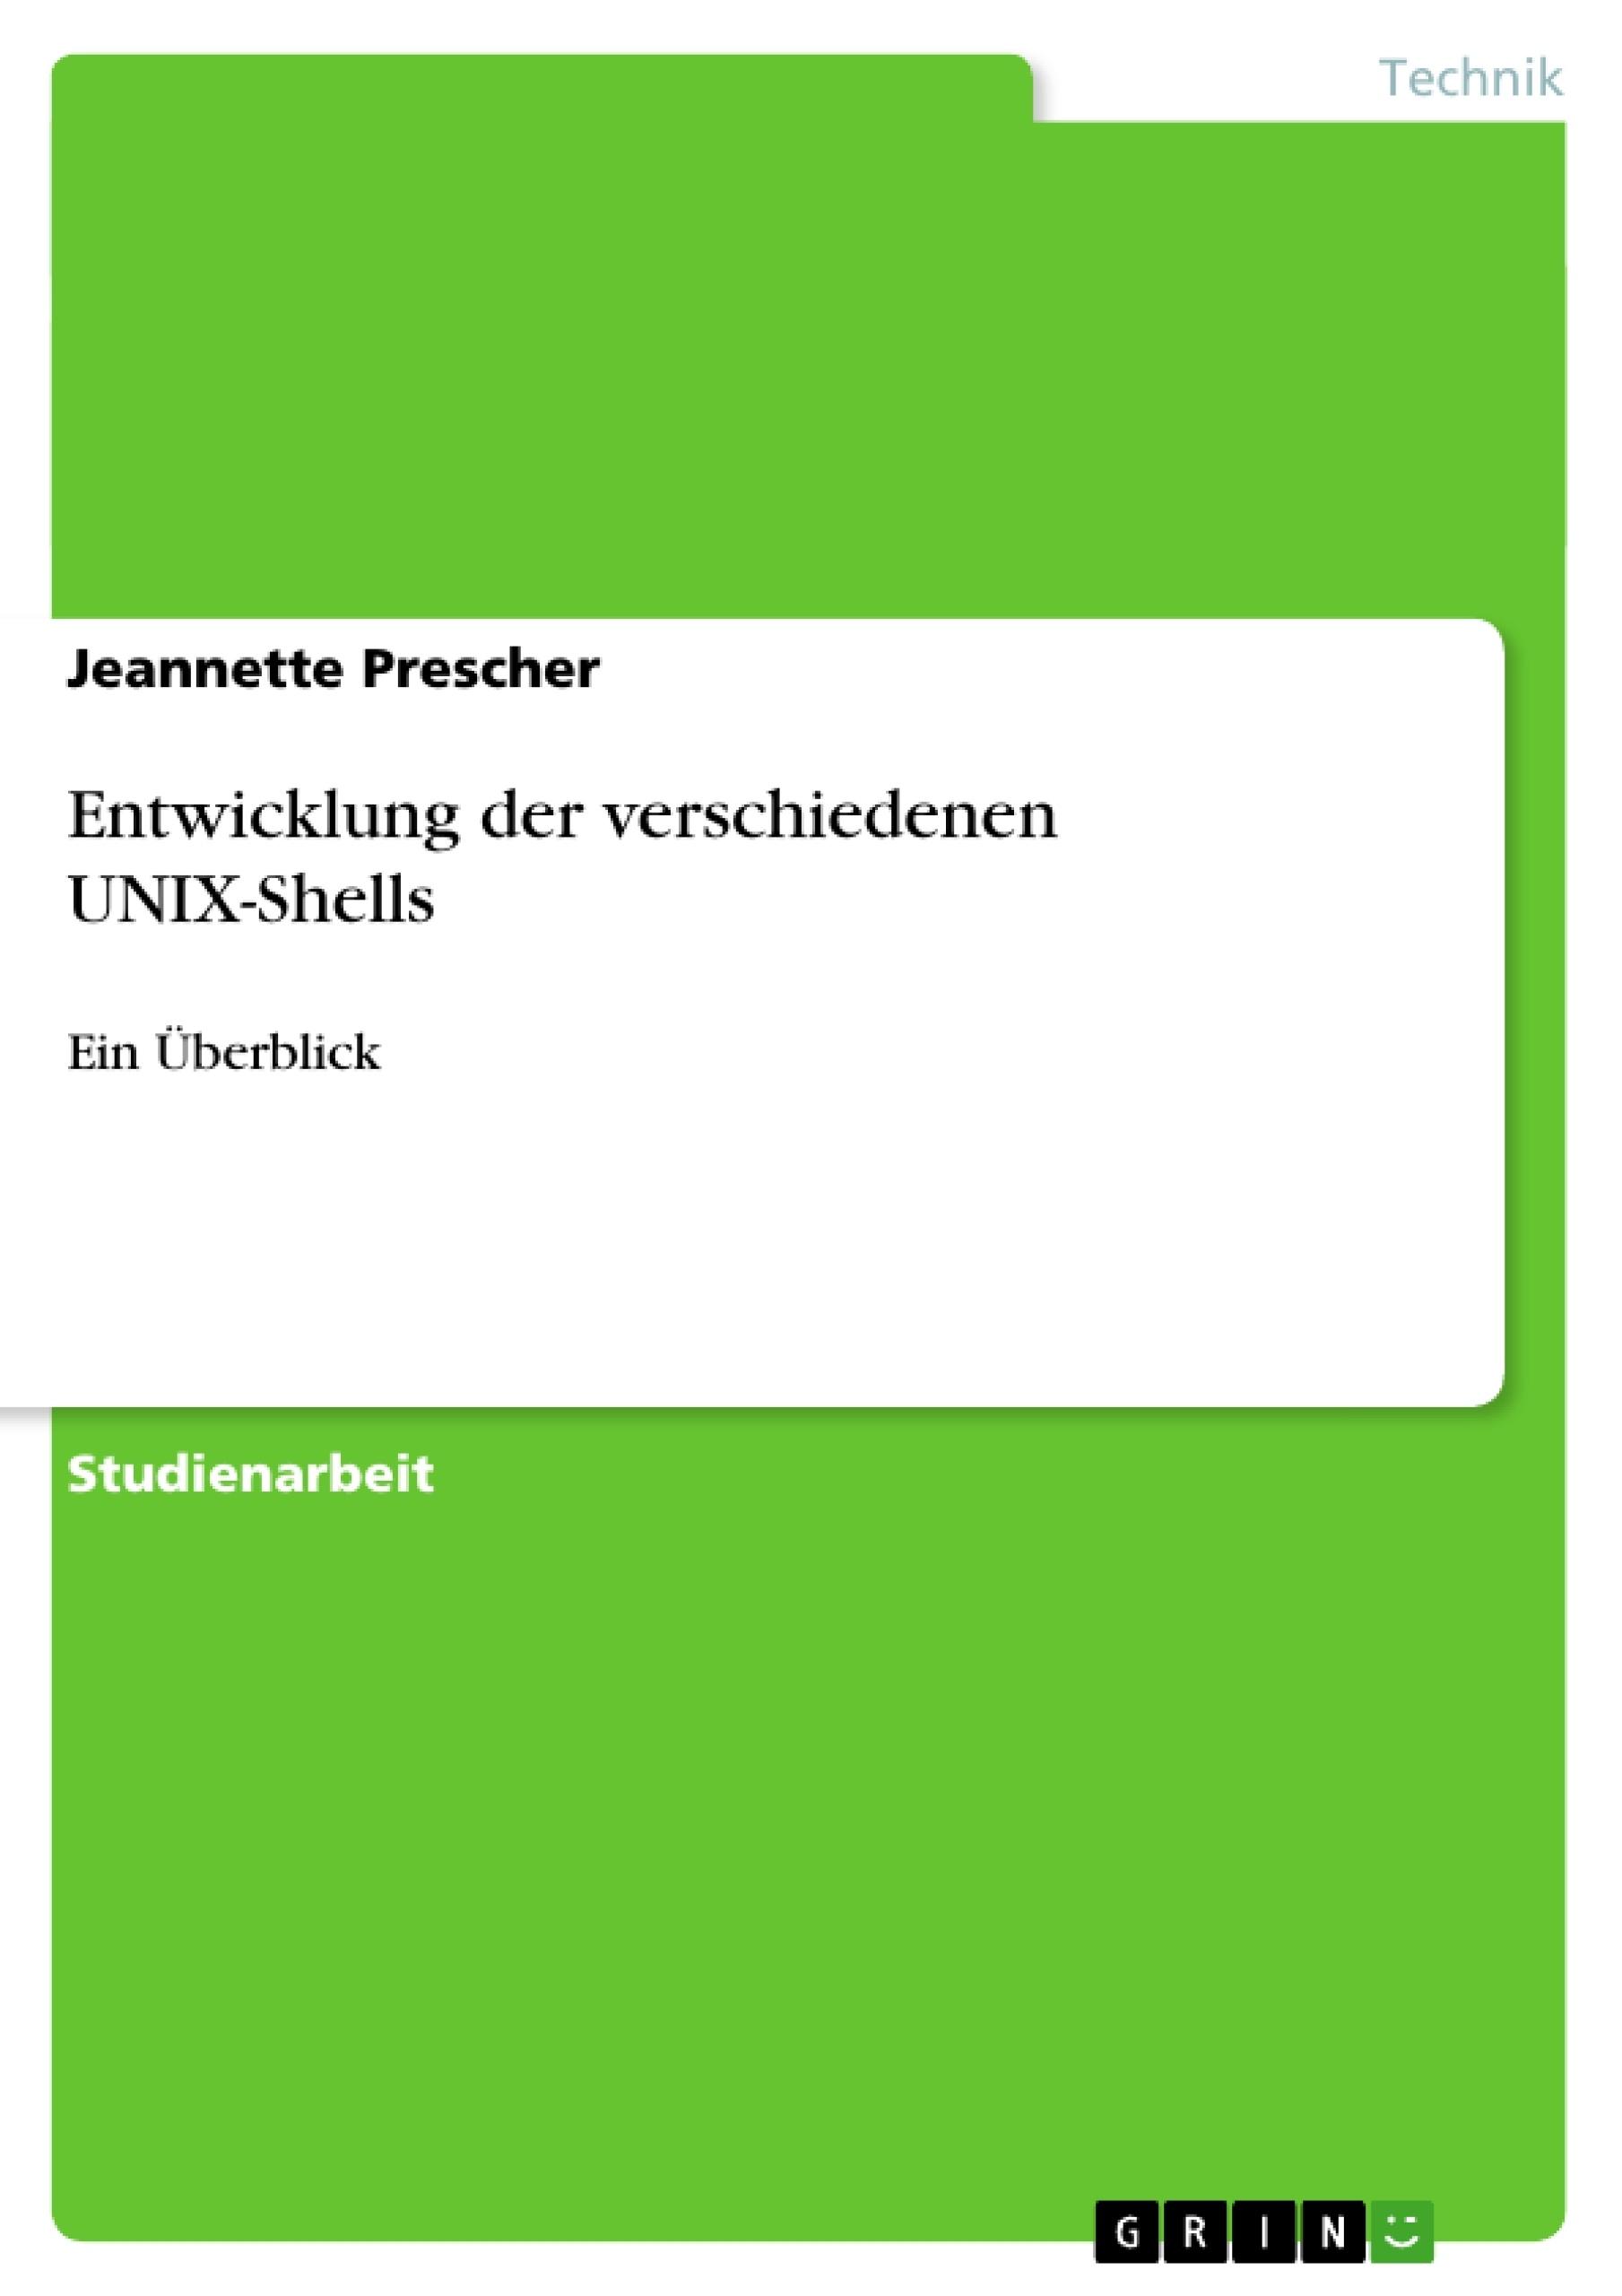 Titel: Entwicklung der verschiedenen UNIX-Shells